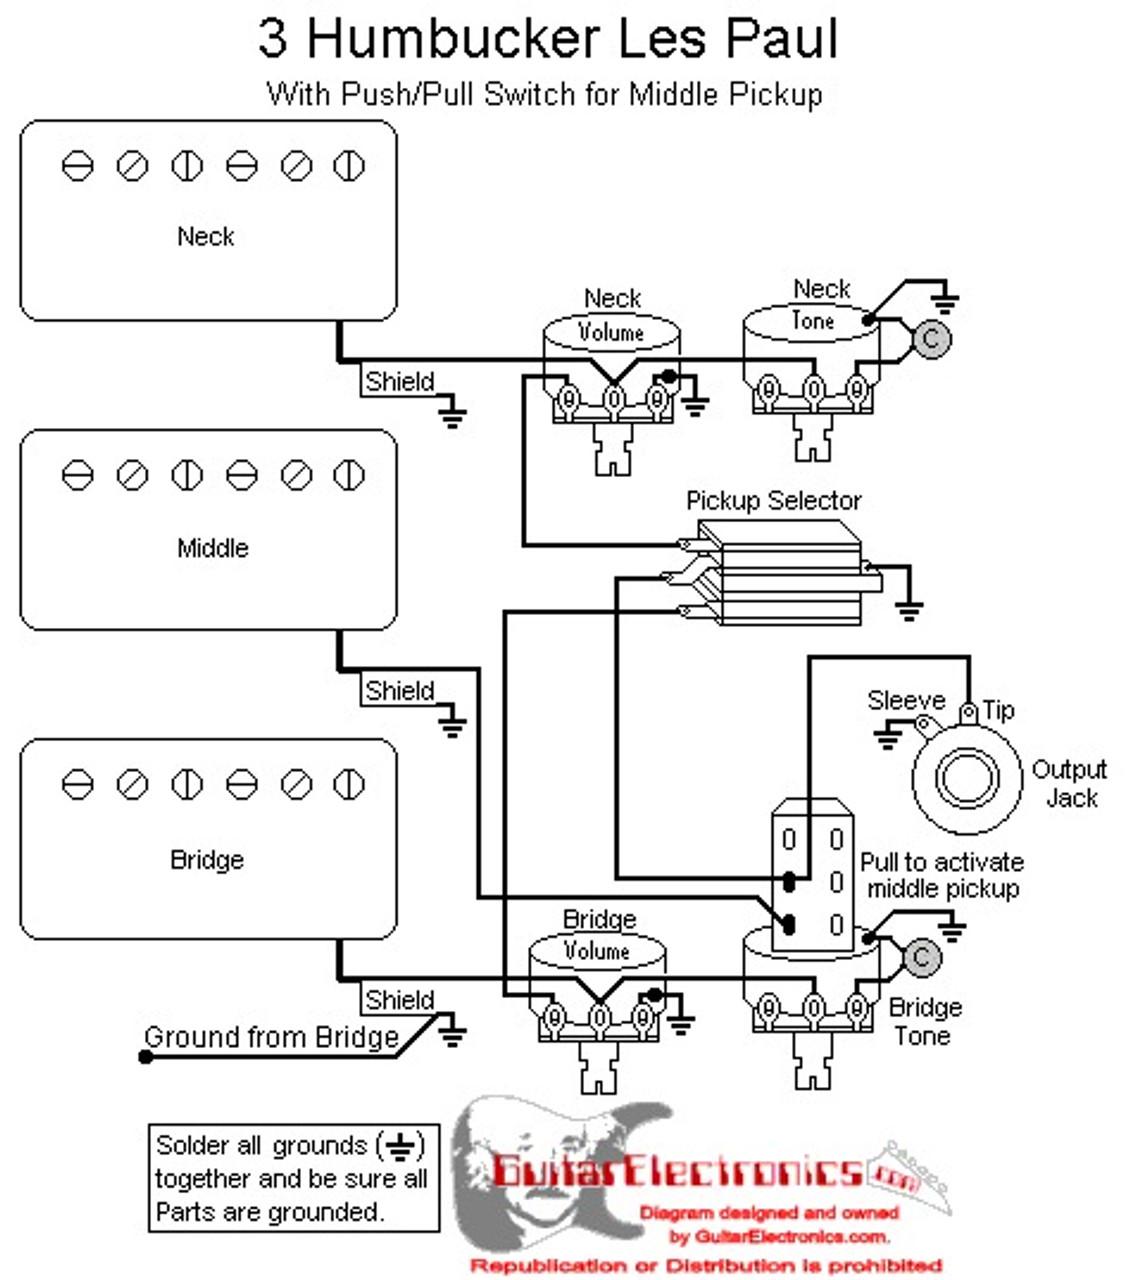 le paul 3 humbucker wiring diagram [ 1128 x 1280 Pixel ]